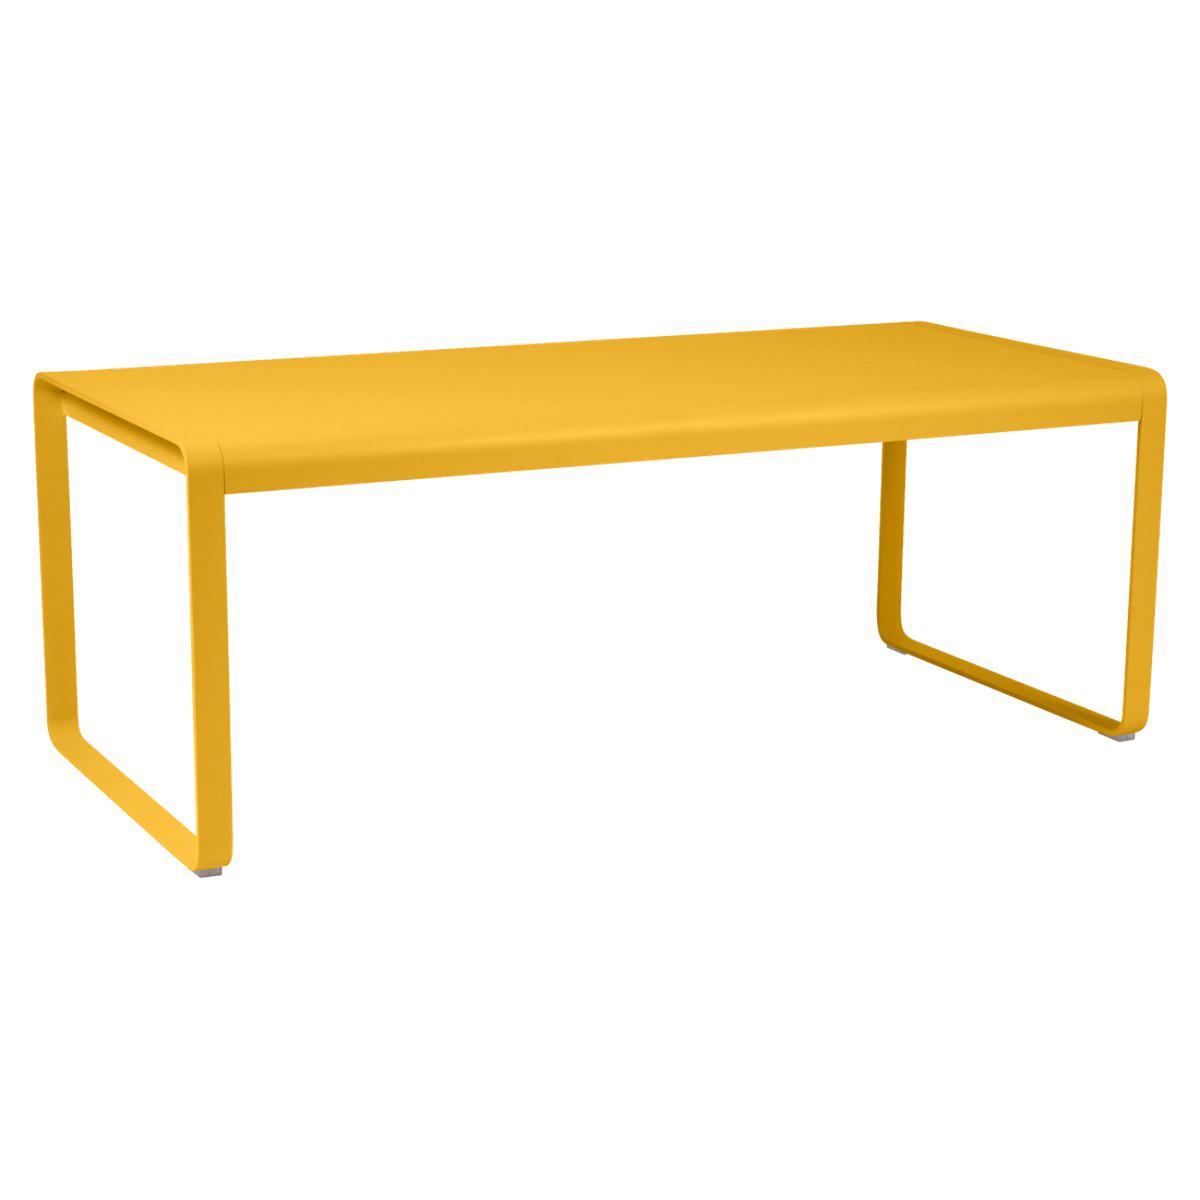 Table 90x196cm BELLEVIE PREMIUM Fermob jaune miel